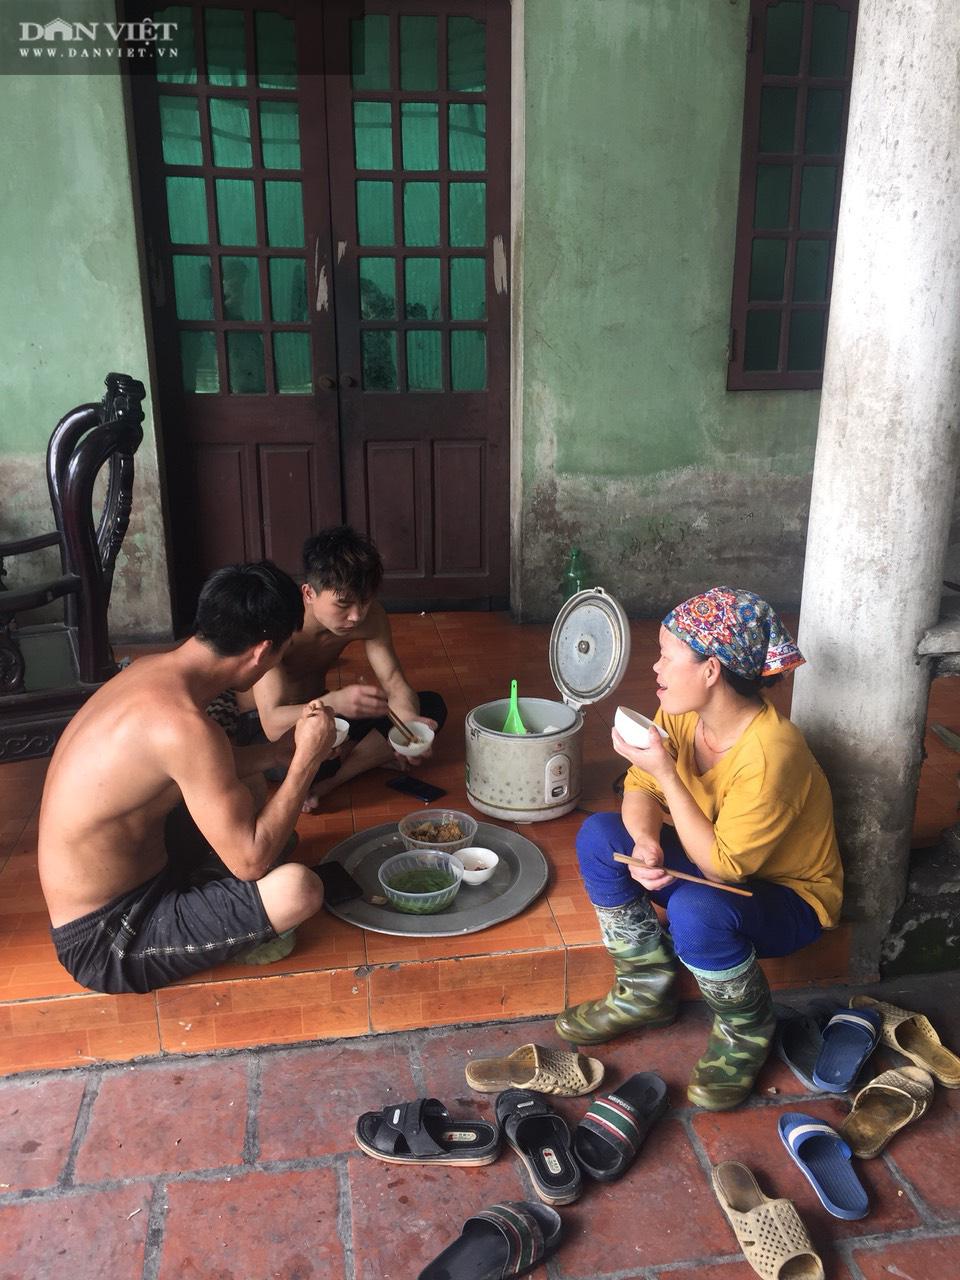 Ám ảnh khủng khiếp ở làng giấy Phú Lâm: Ô nhiễm đến con ruồi cũng không sống nổi, công nhân bán mòn sức - Ảnh 12.